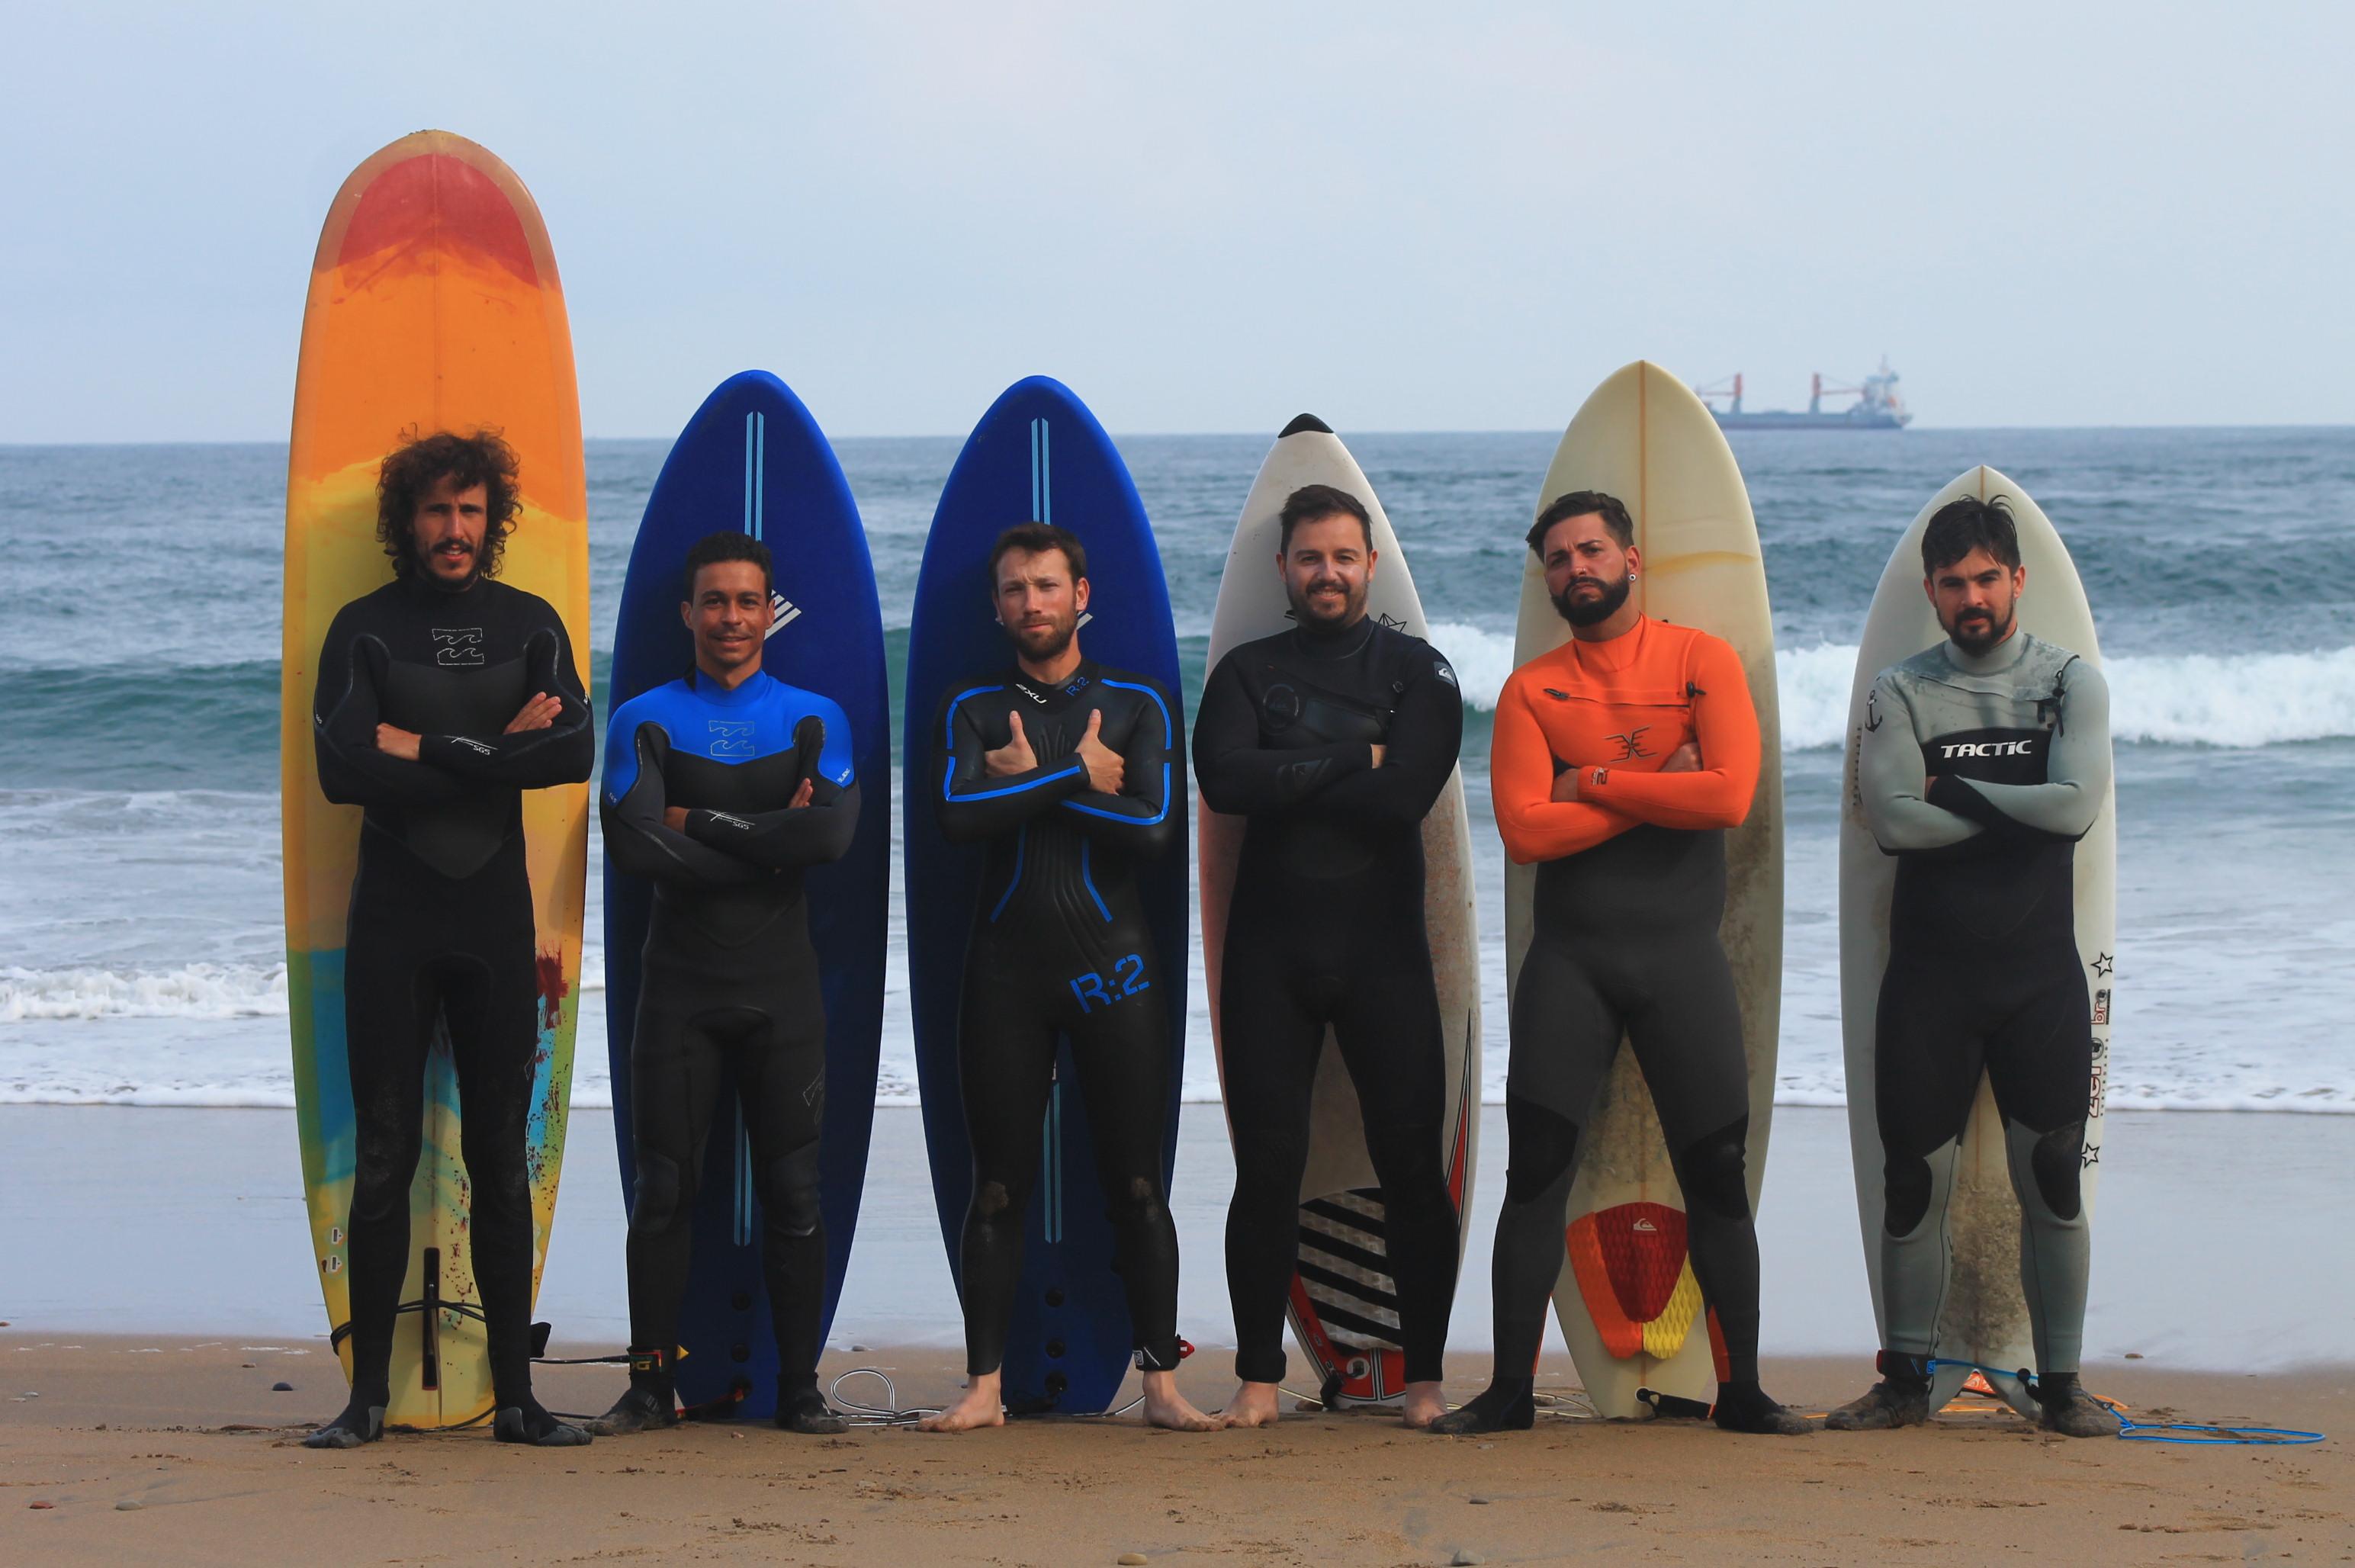 Escuela de surf camp longbeach 233.JPG